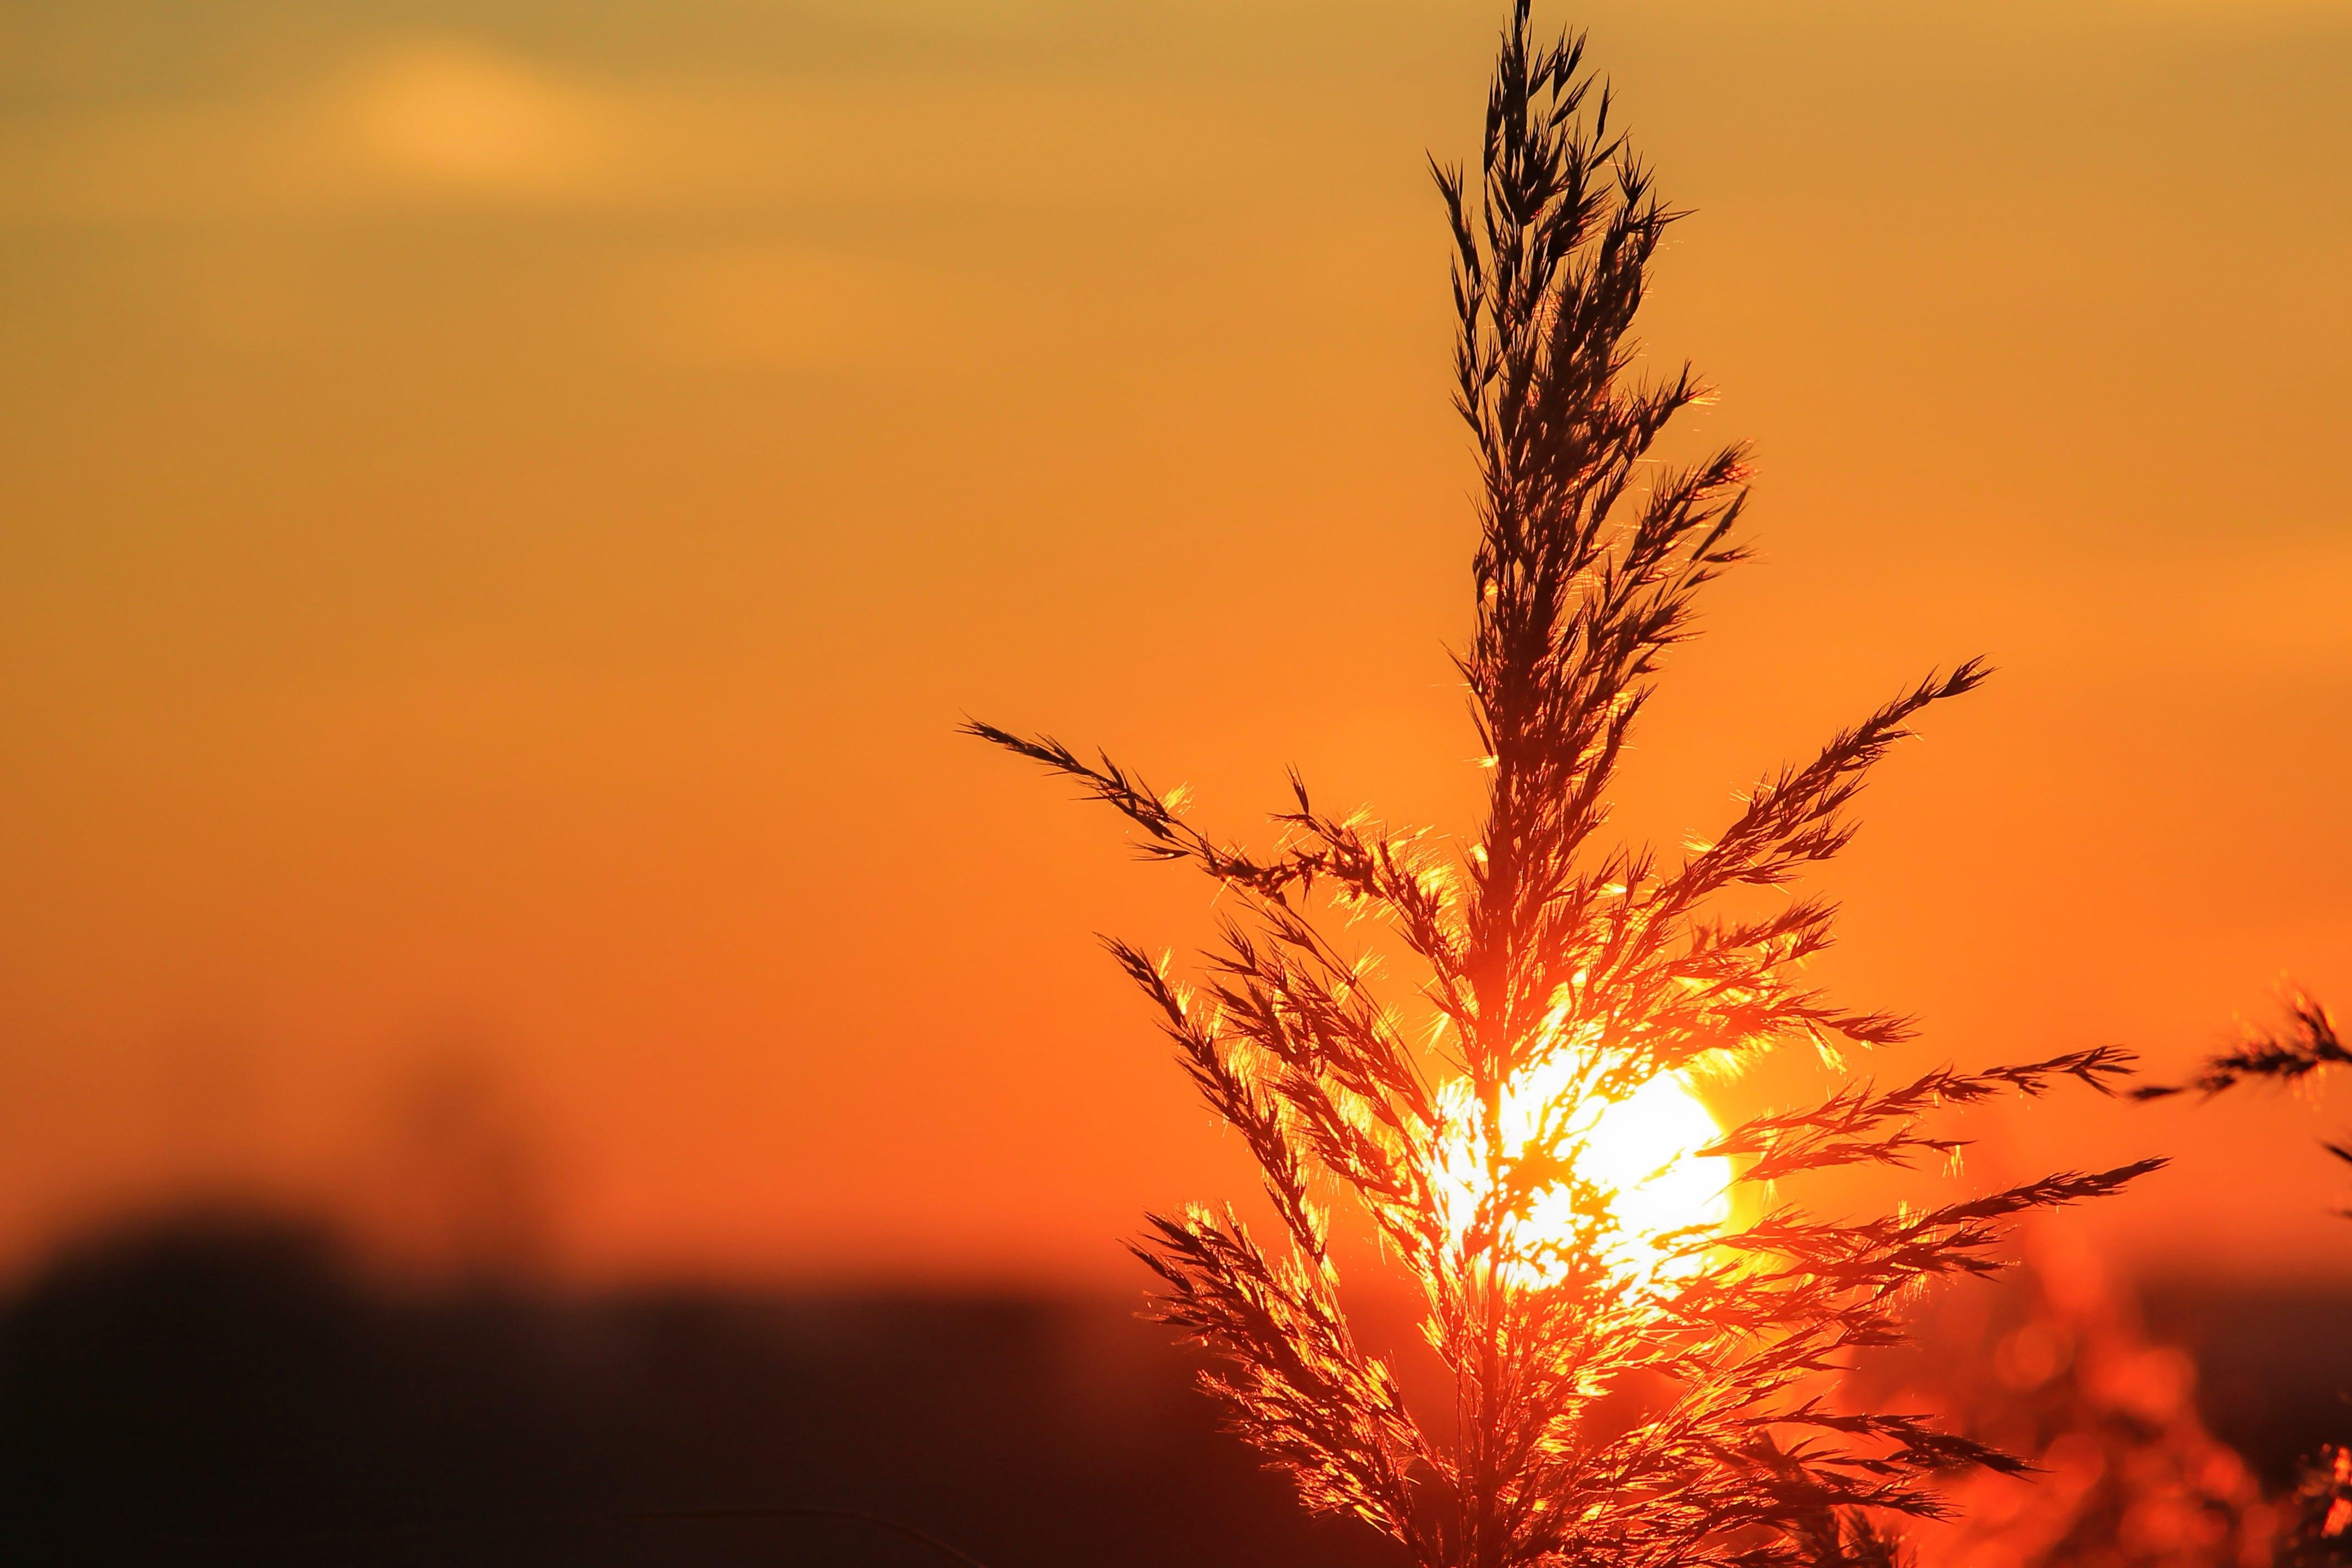 з підсвіткою, Захід сонця, небо